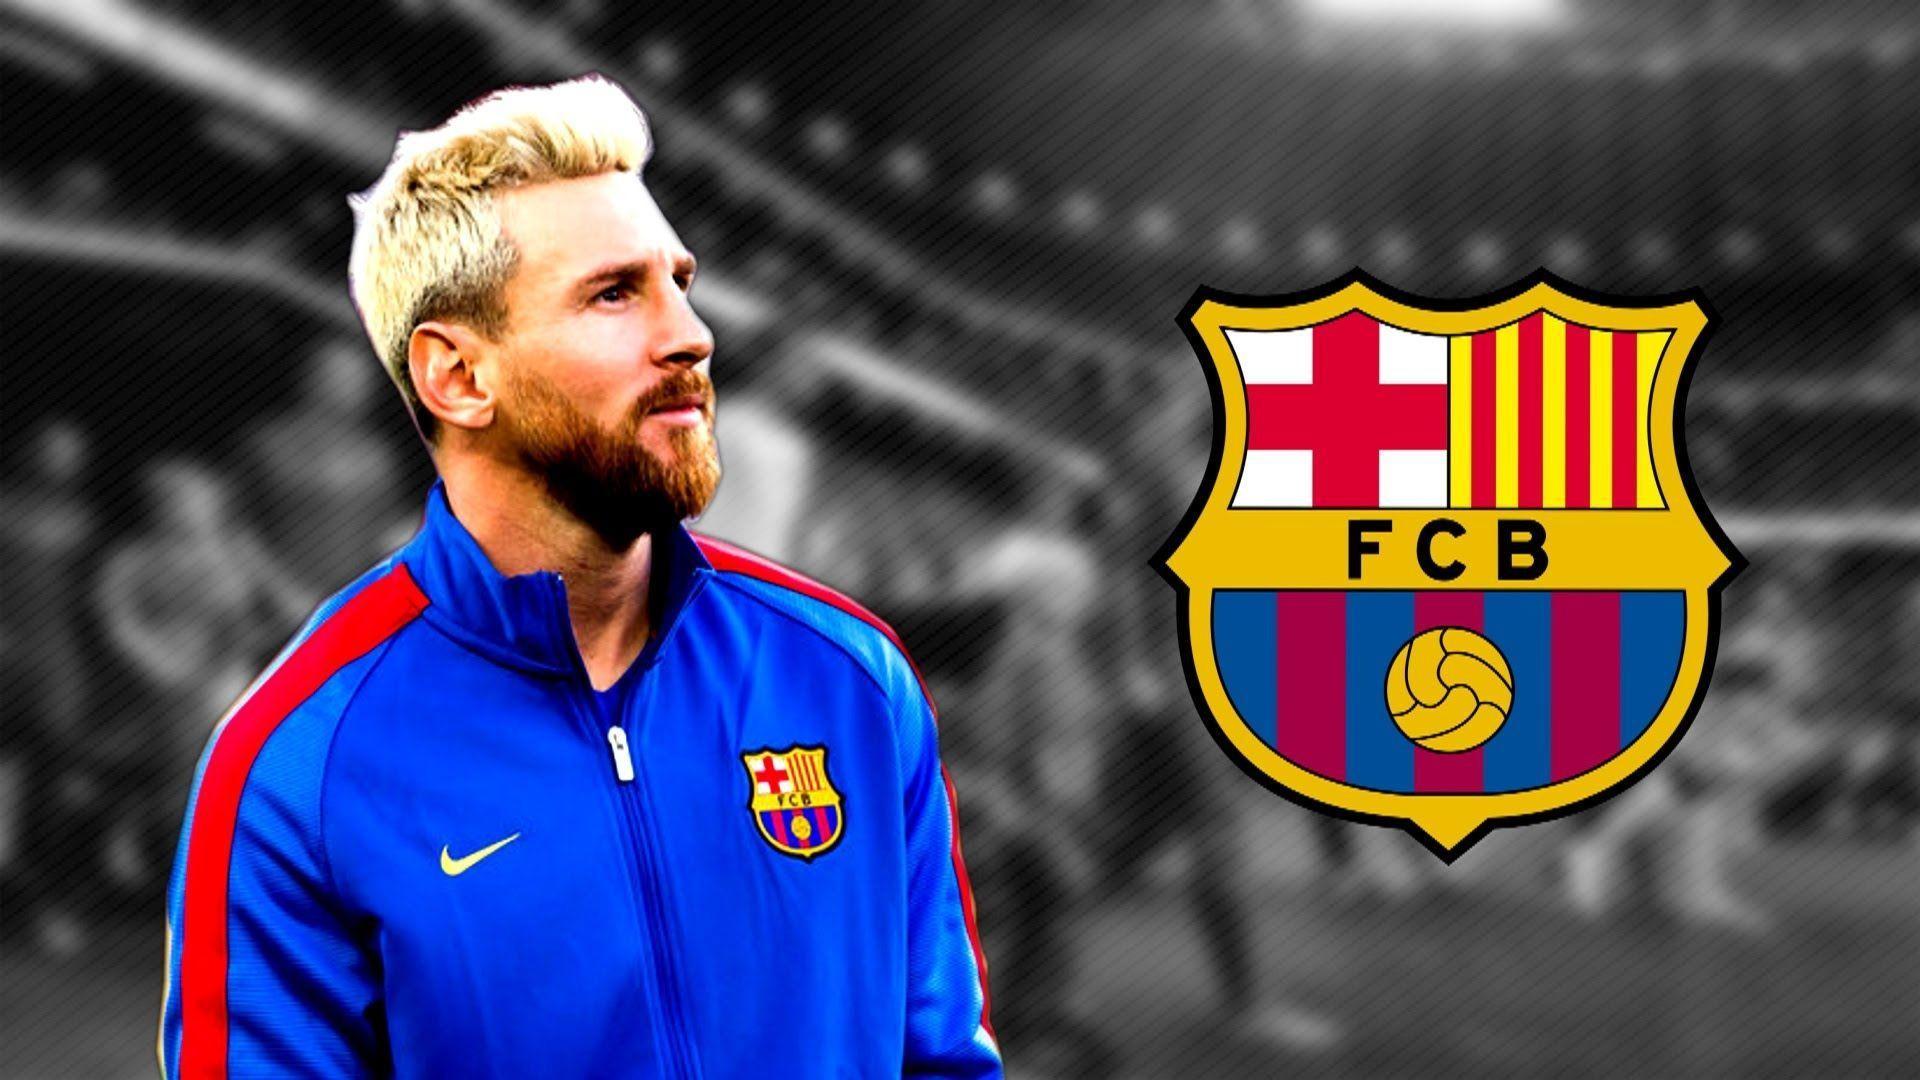 Messi Wallpaper 2015 3d